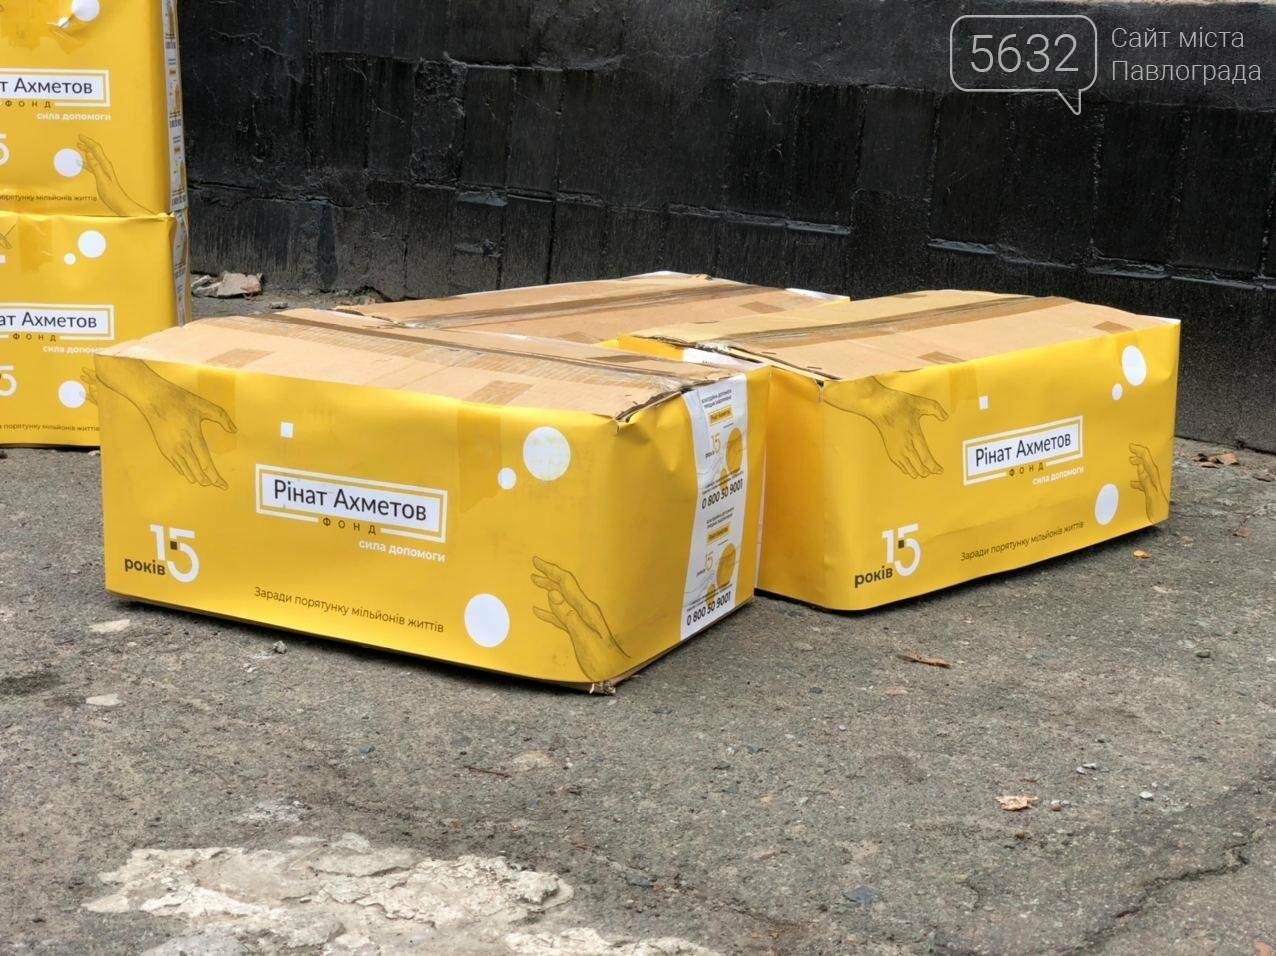 Павлоградская больница интенсивного лечения получила новые аппараты ИВЛ (ФОТО), фото-3